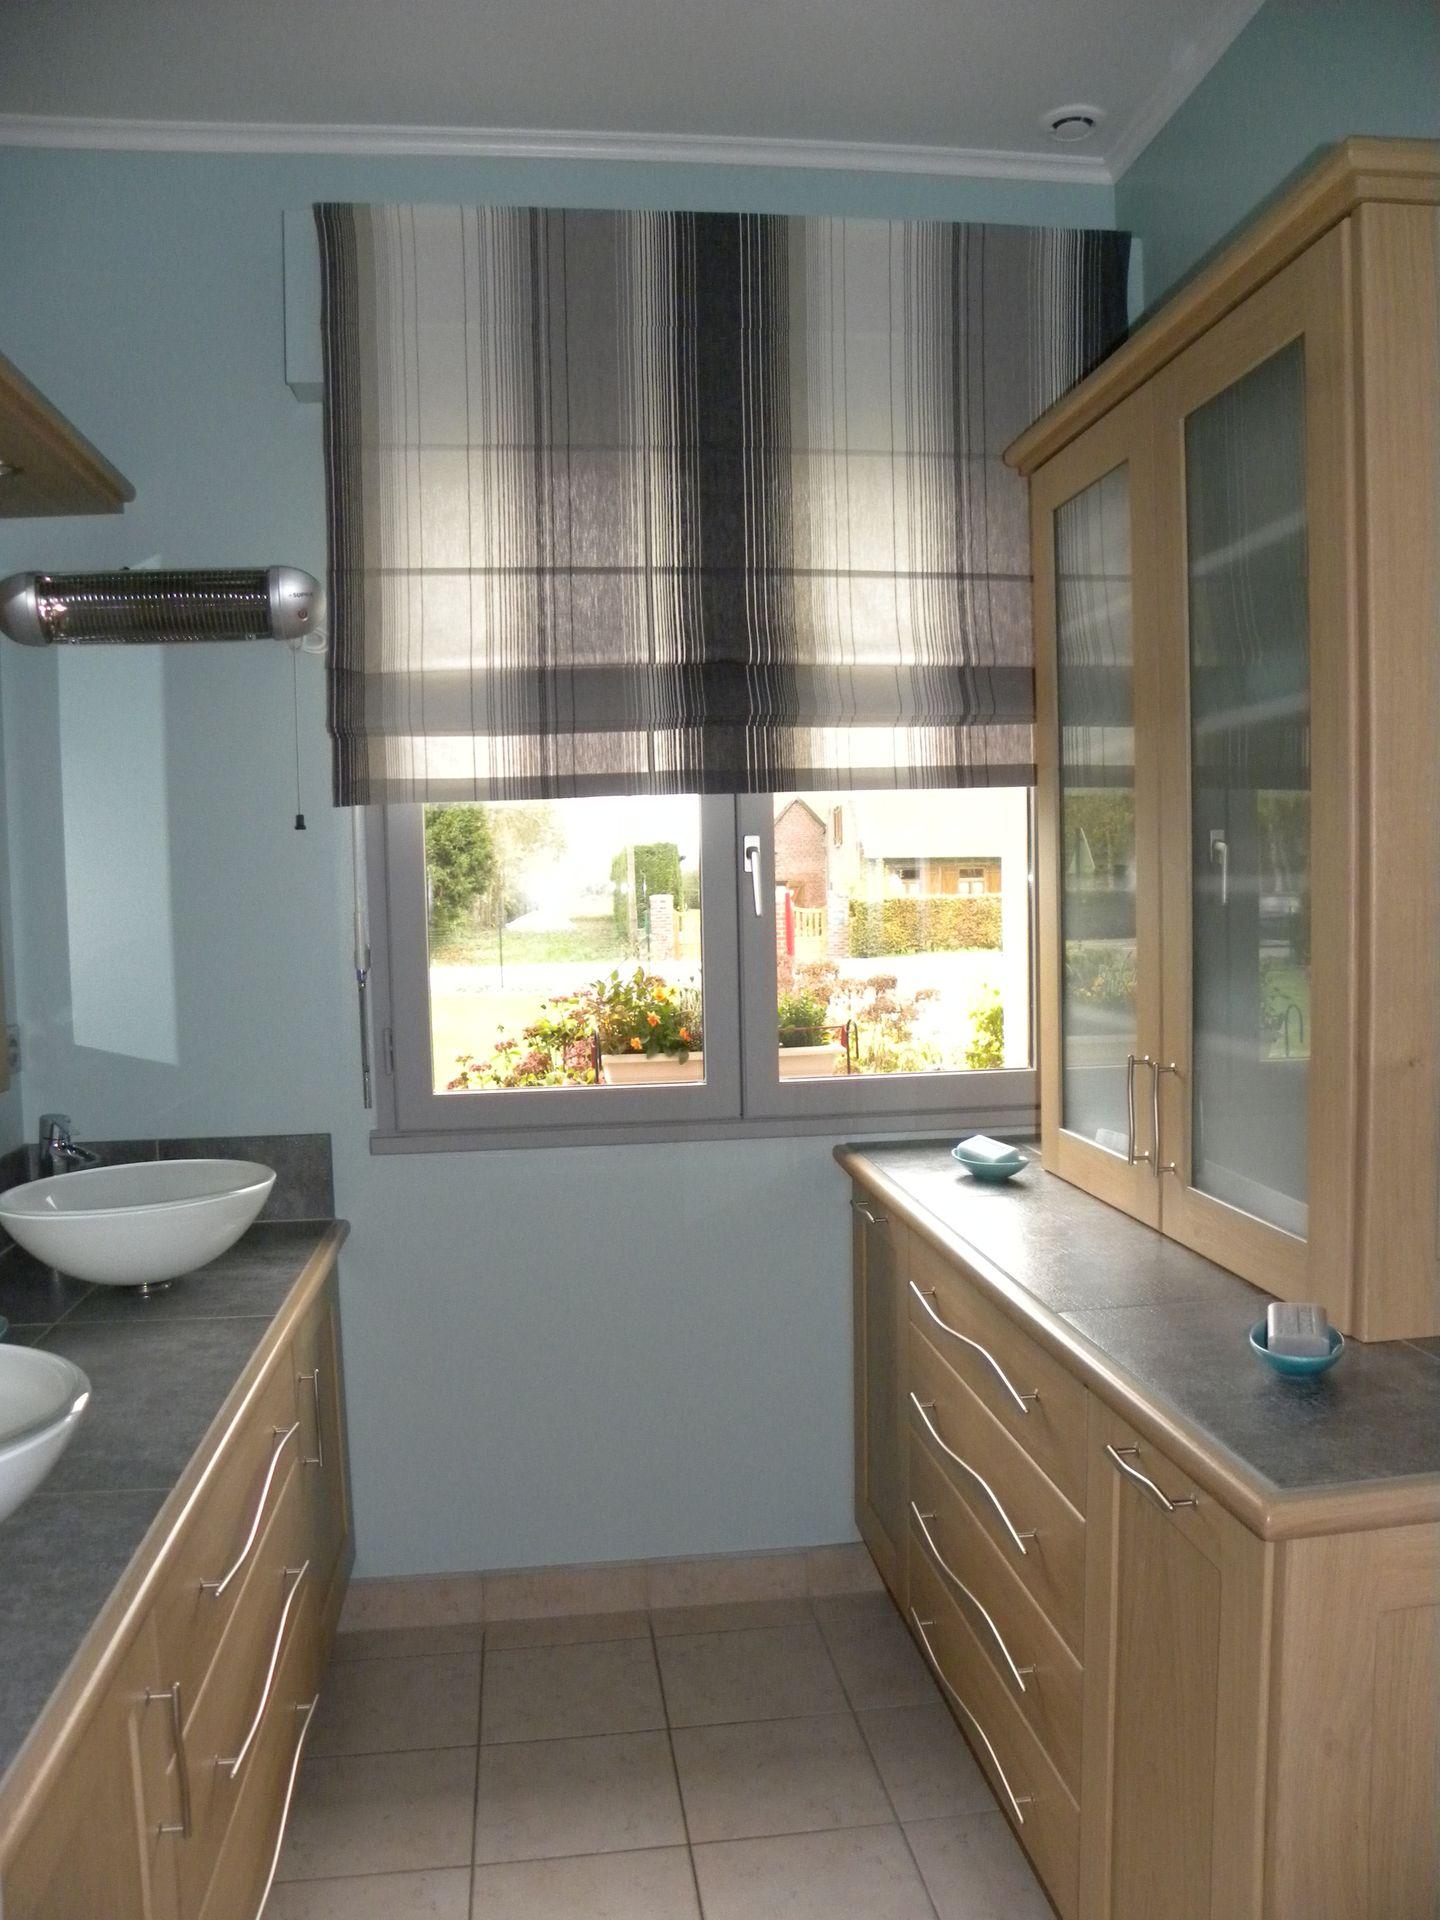 Salle de bains contemporaine bois gilles martel - Salle de bains contemporaine ...